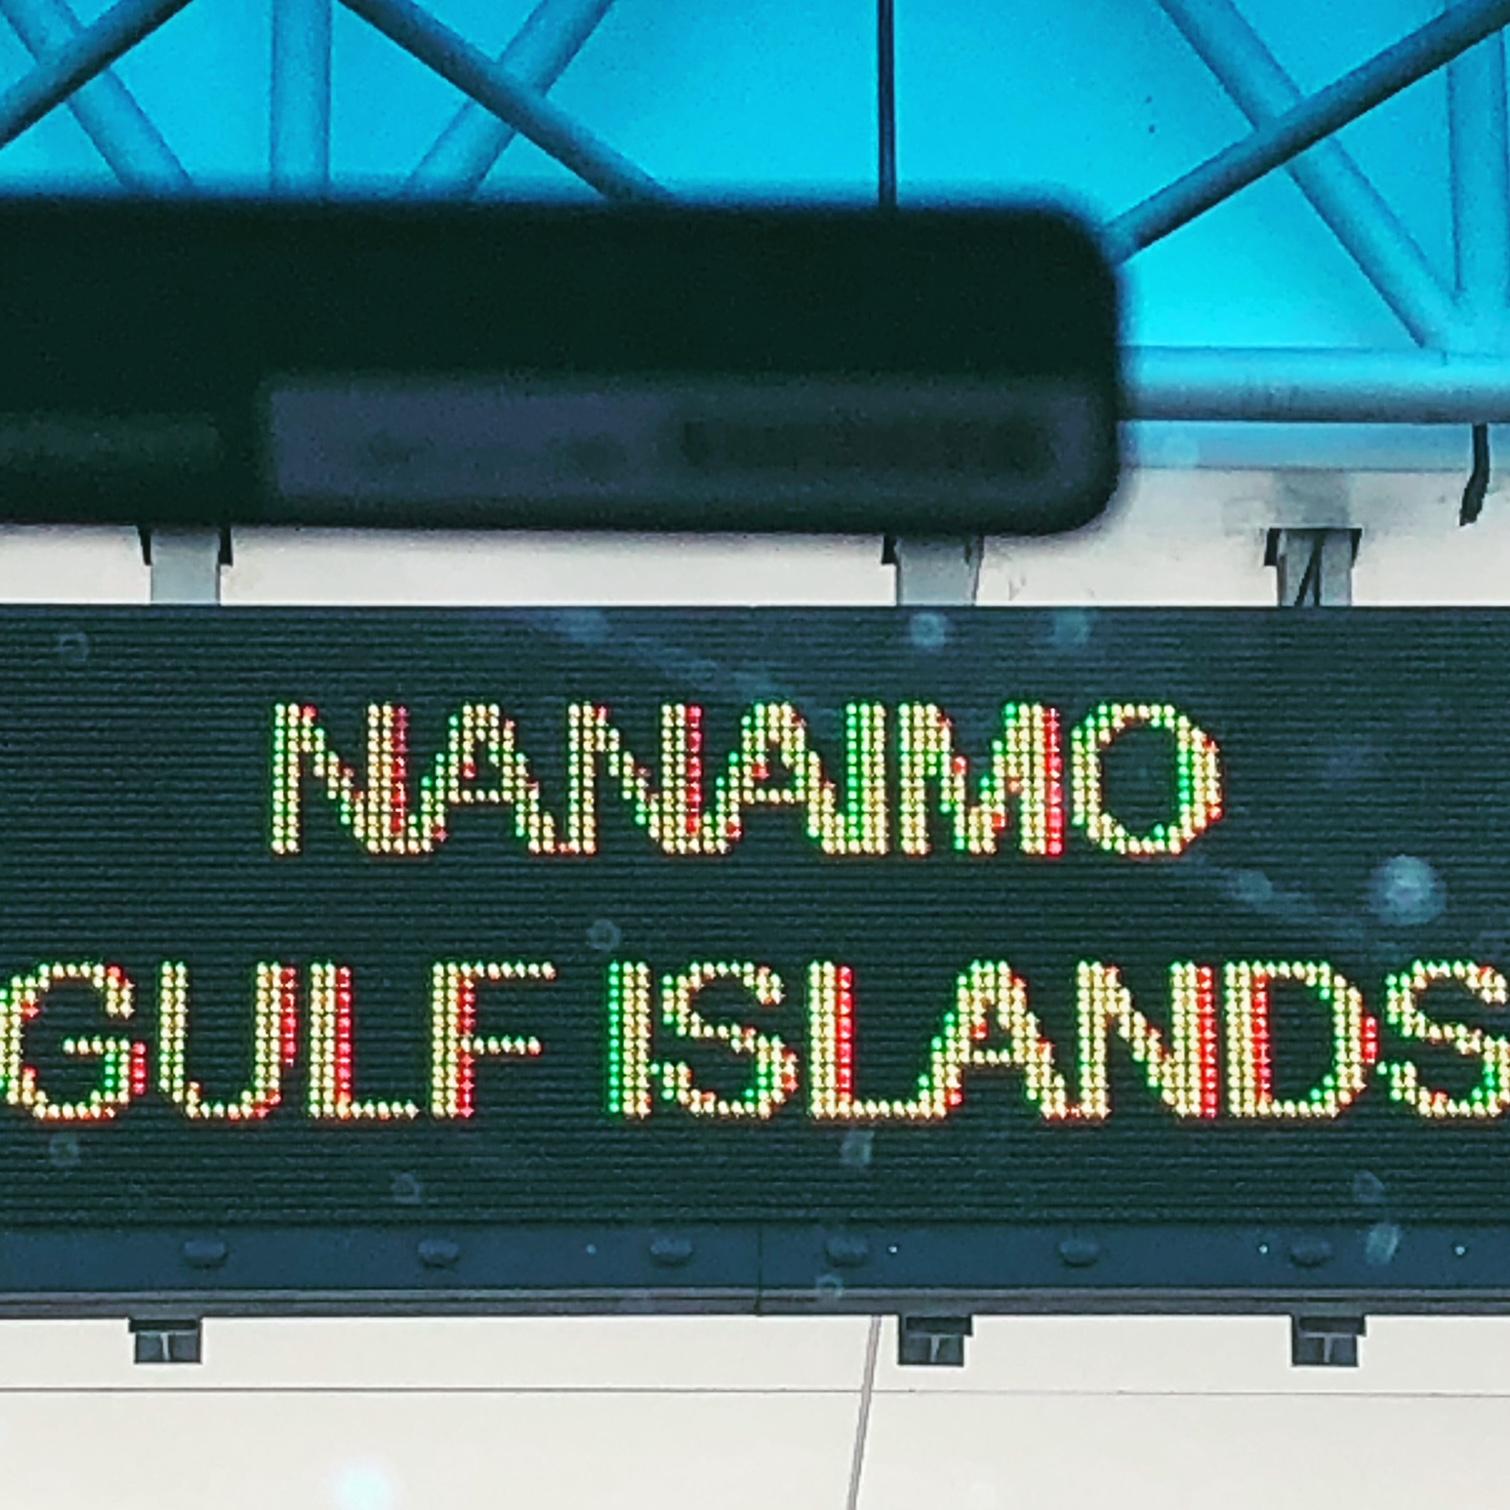 Tsawassen ferries travel to Islands